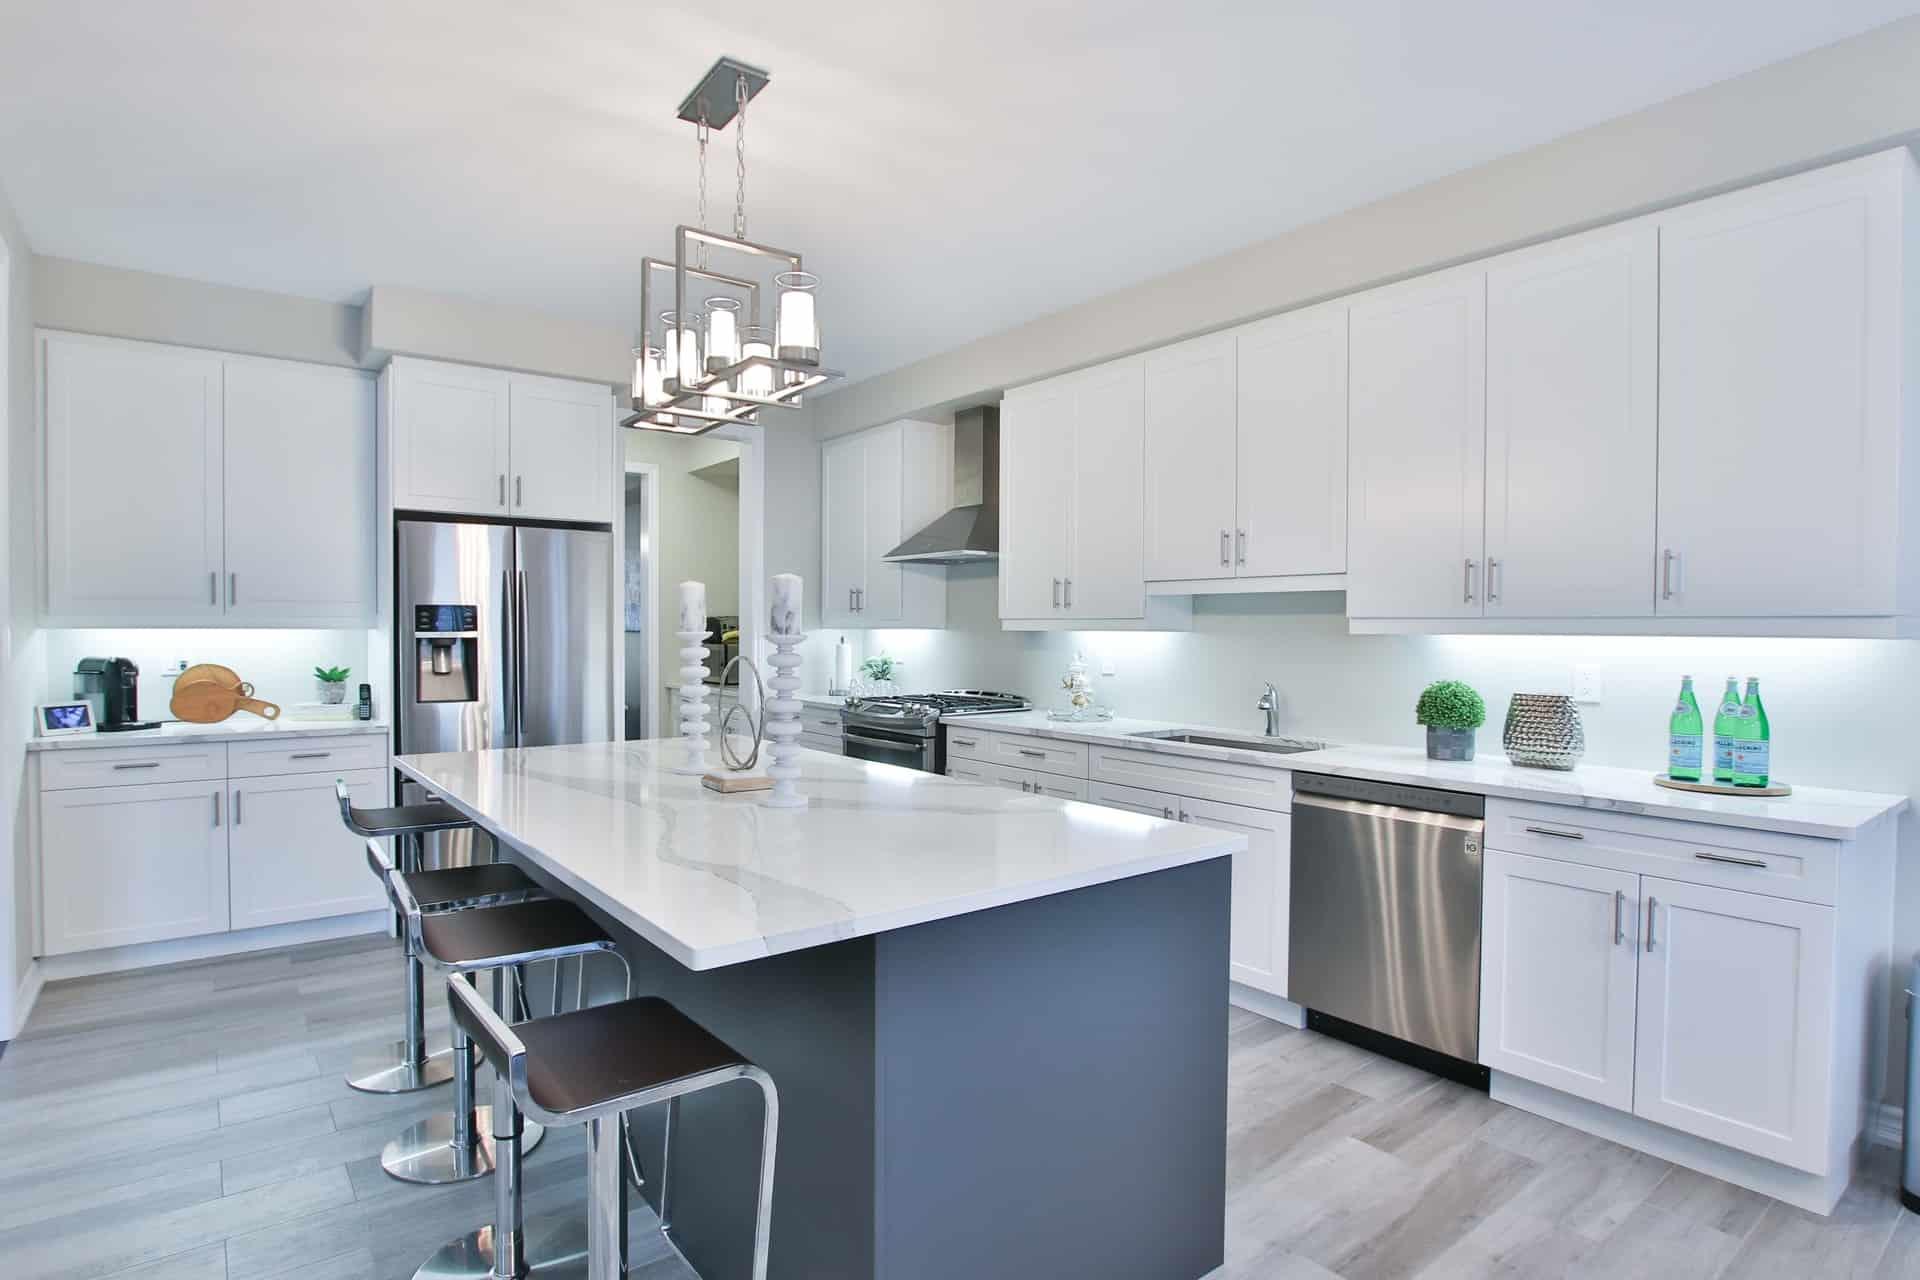 6 Smart Appliances Header Image